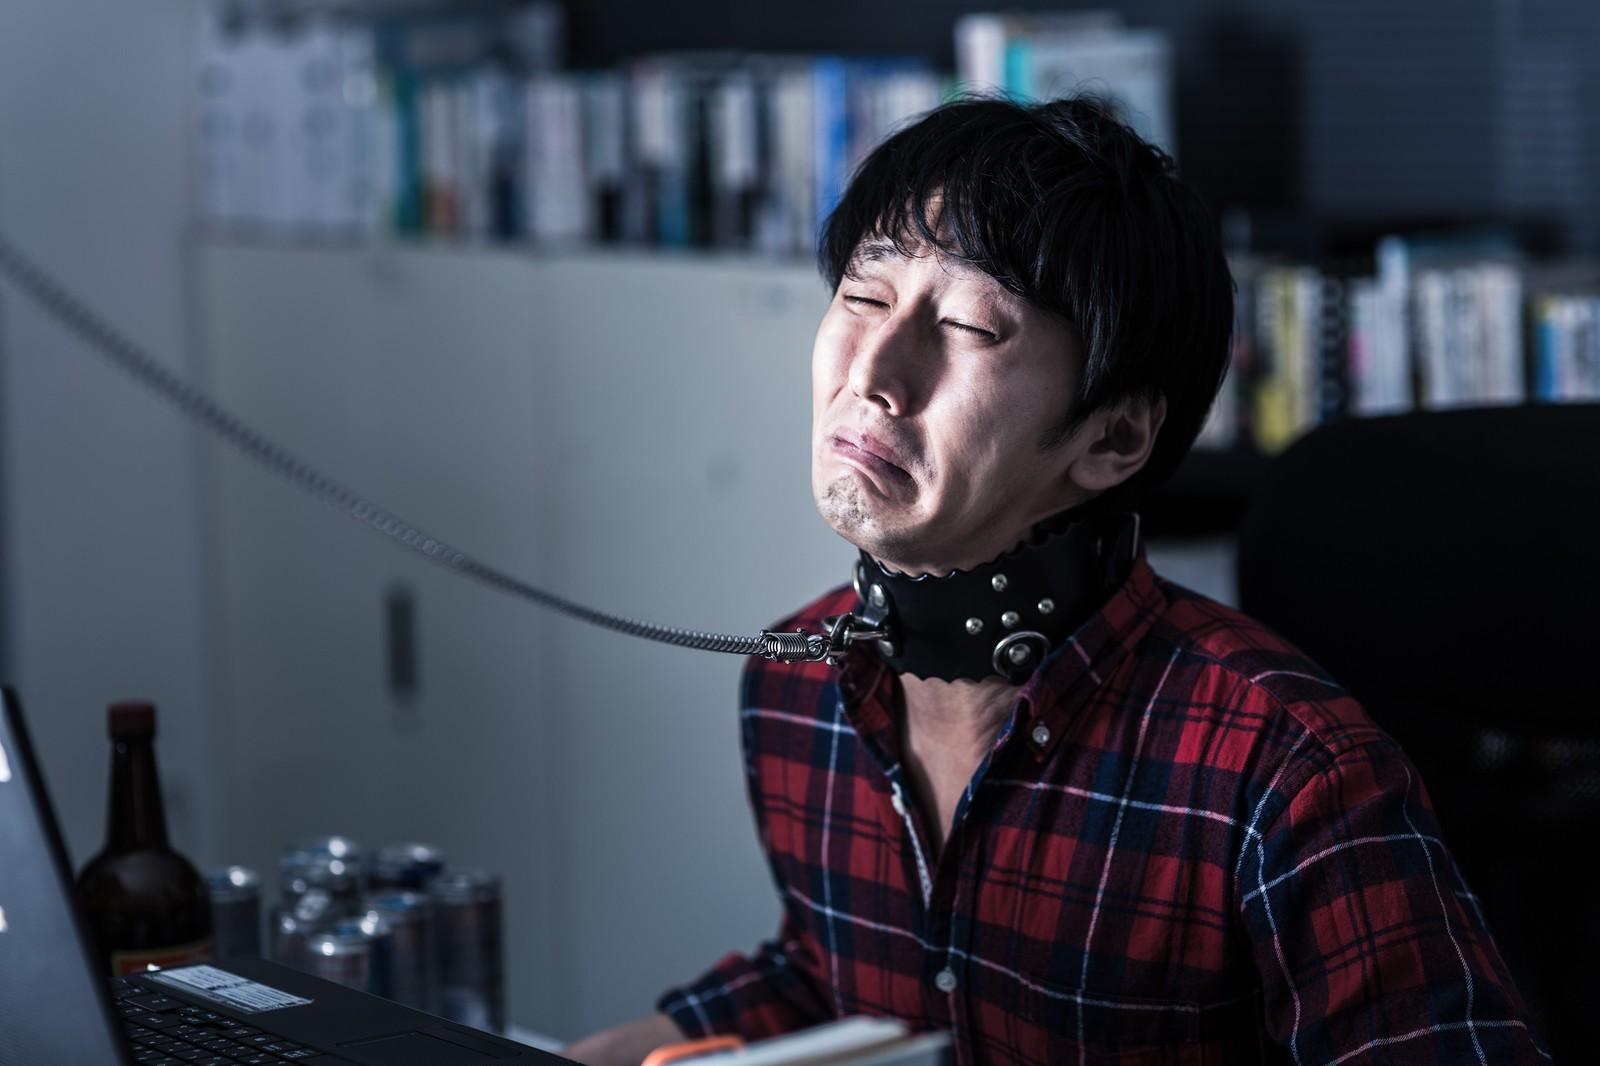 時給405円 技能実習生 働かせた 女性社長 逮捕